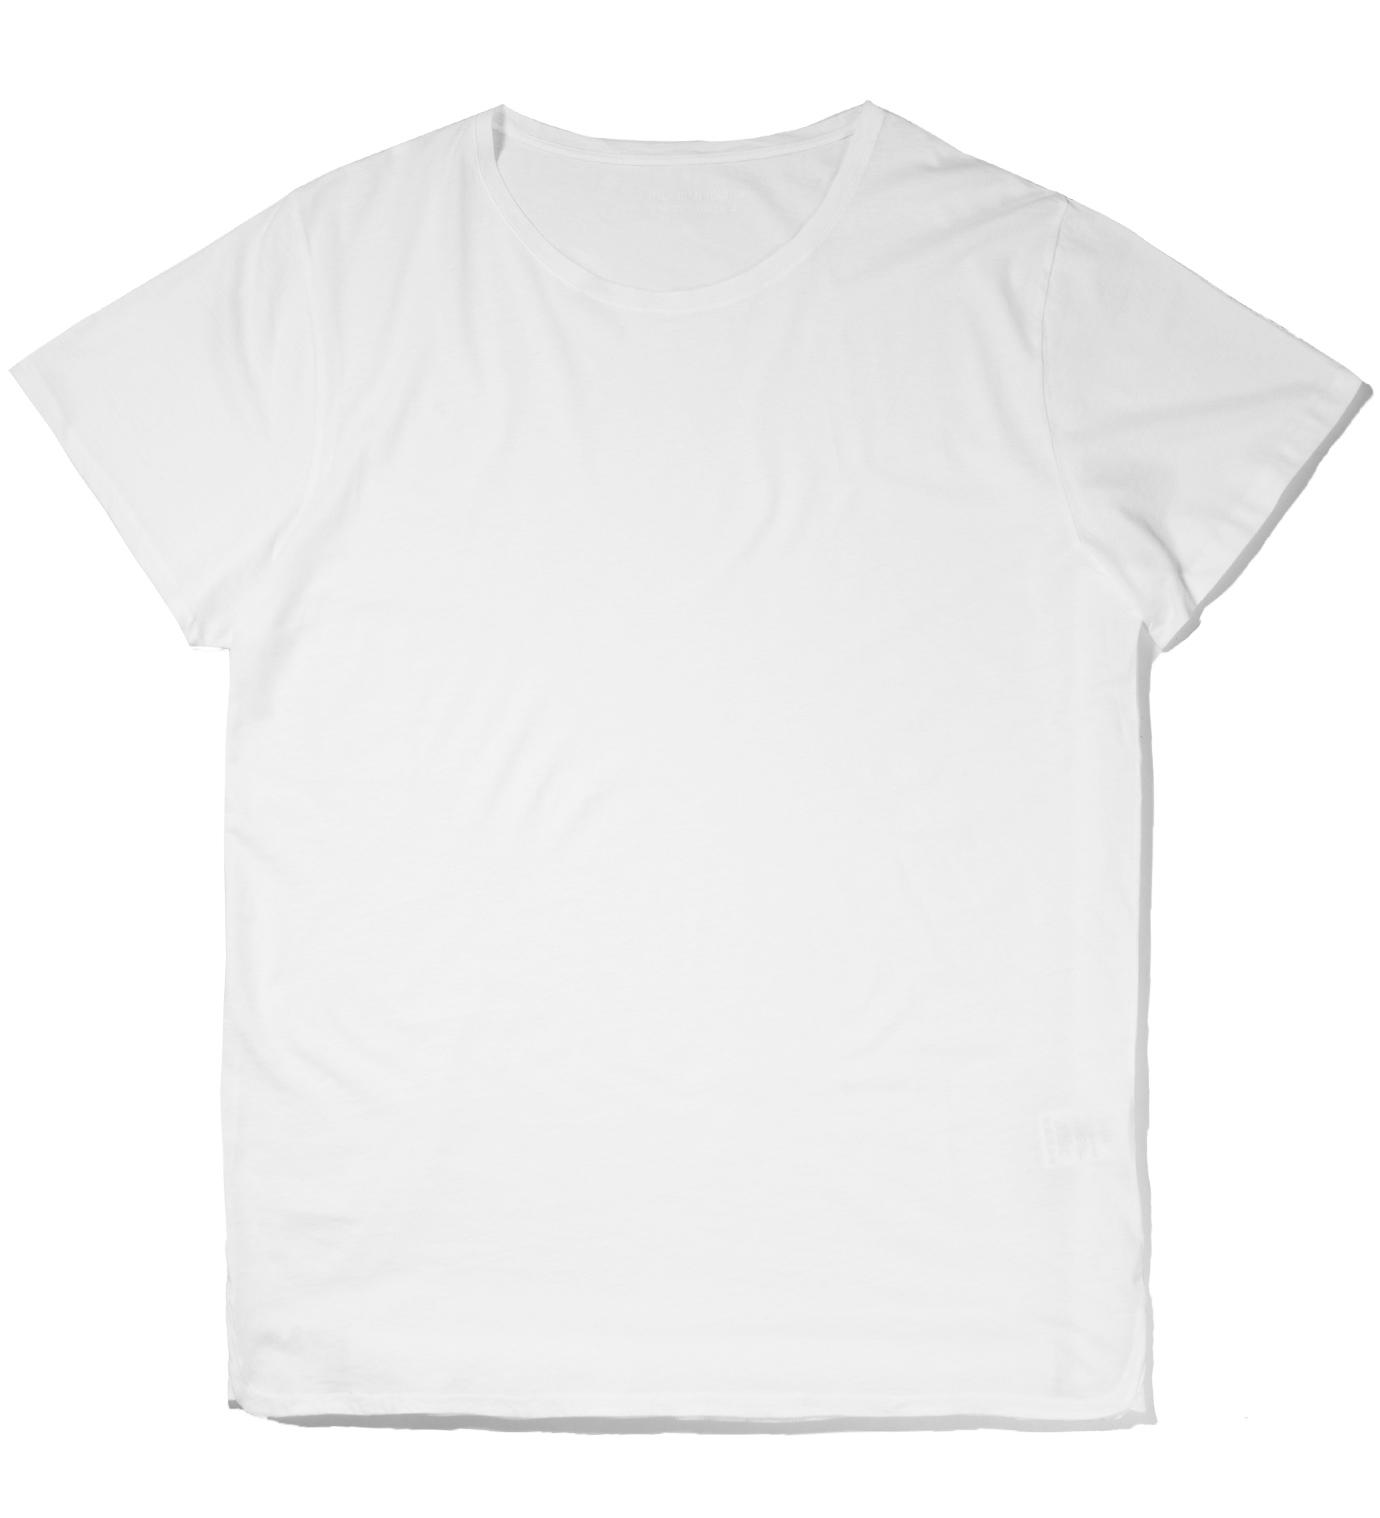 A.P.C. White T-Shirt